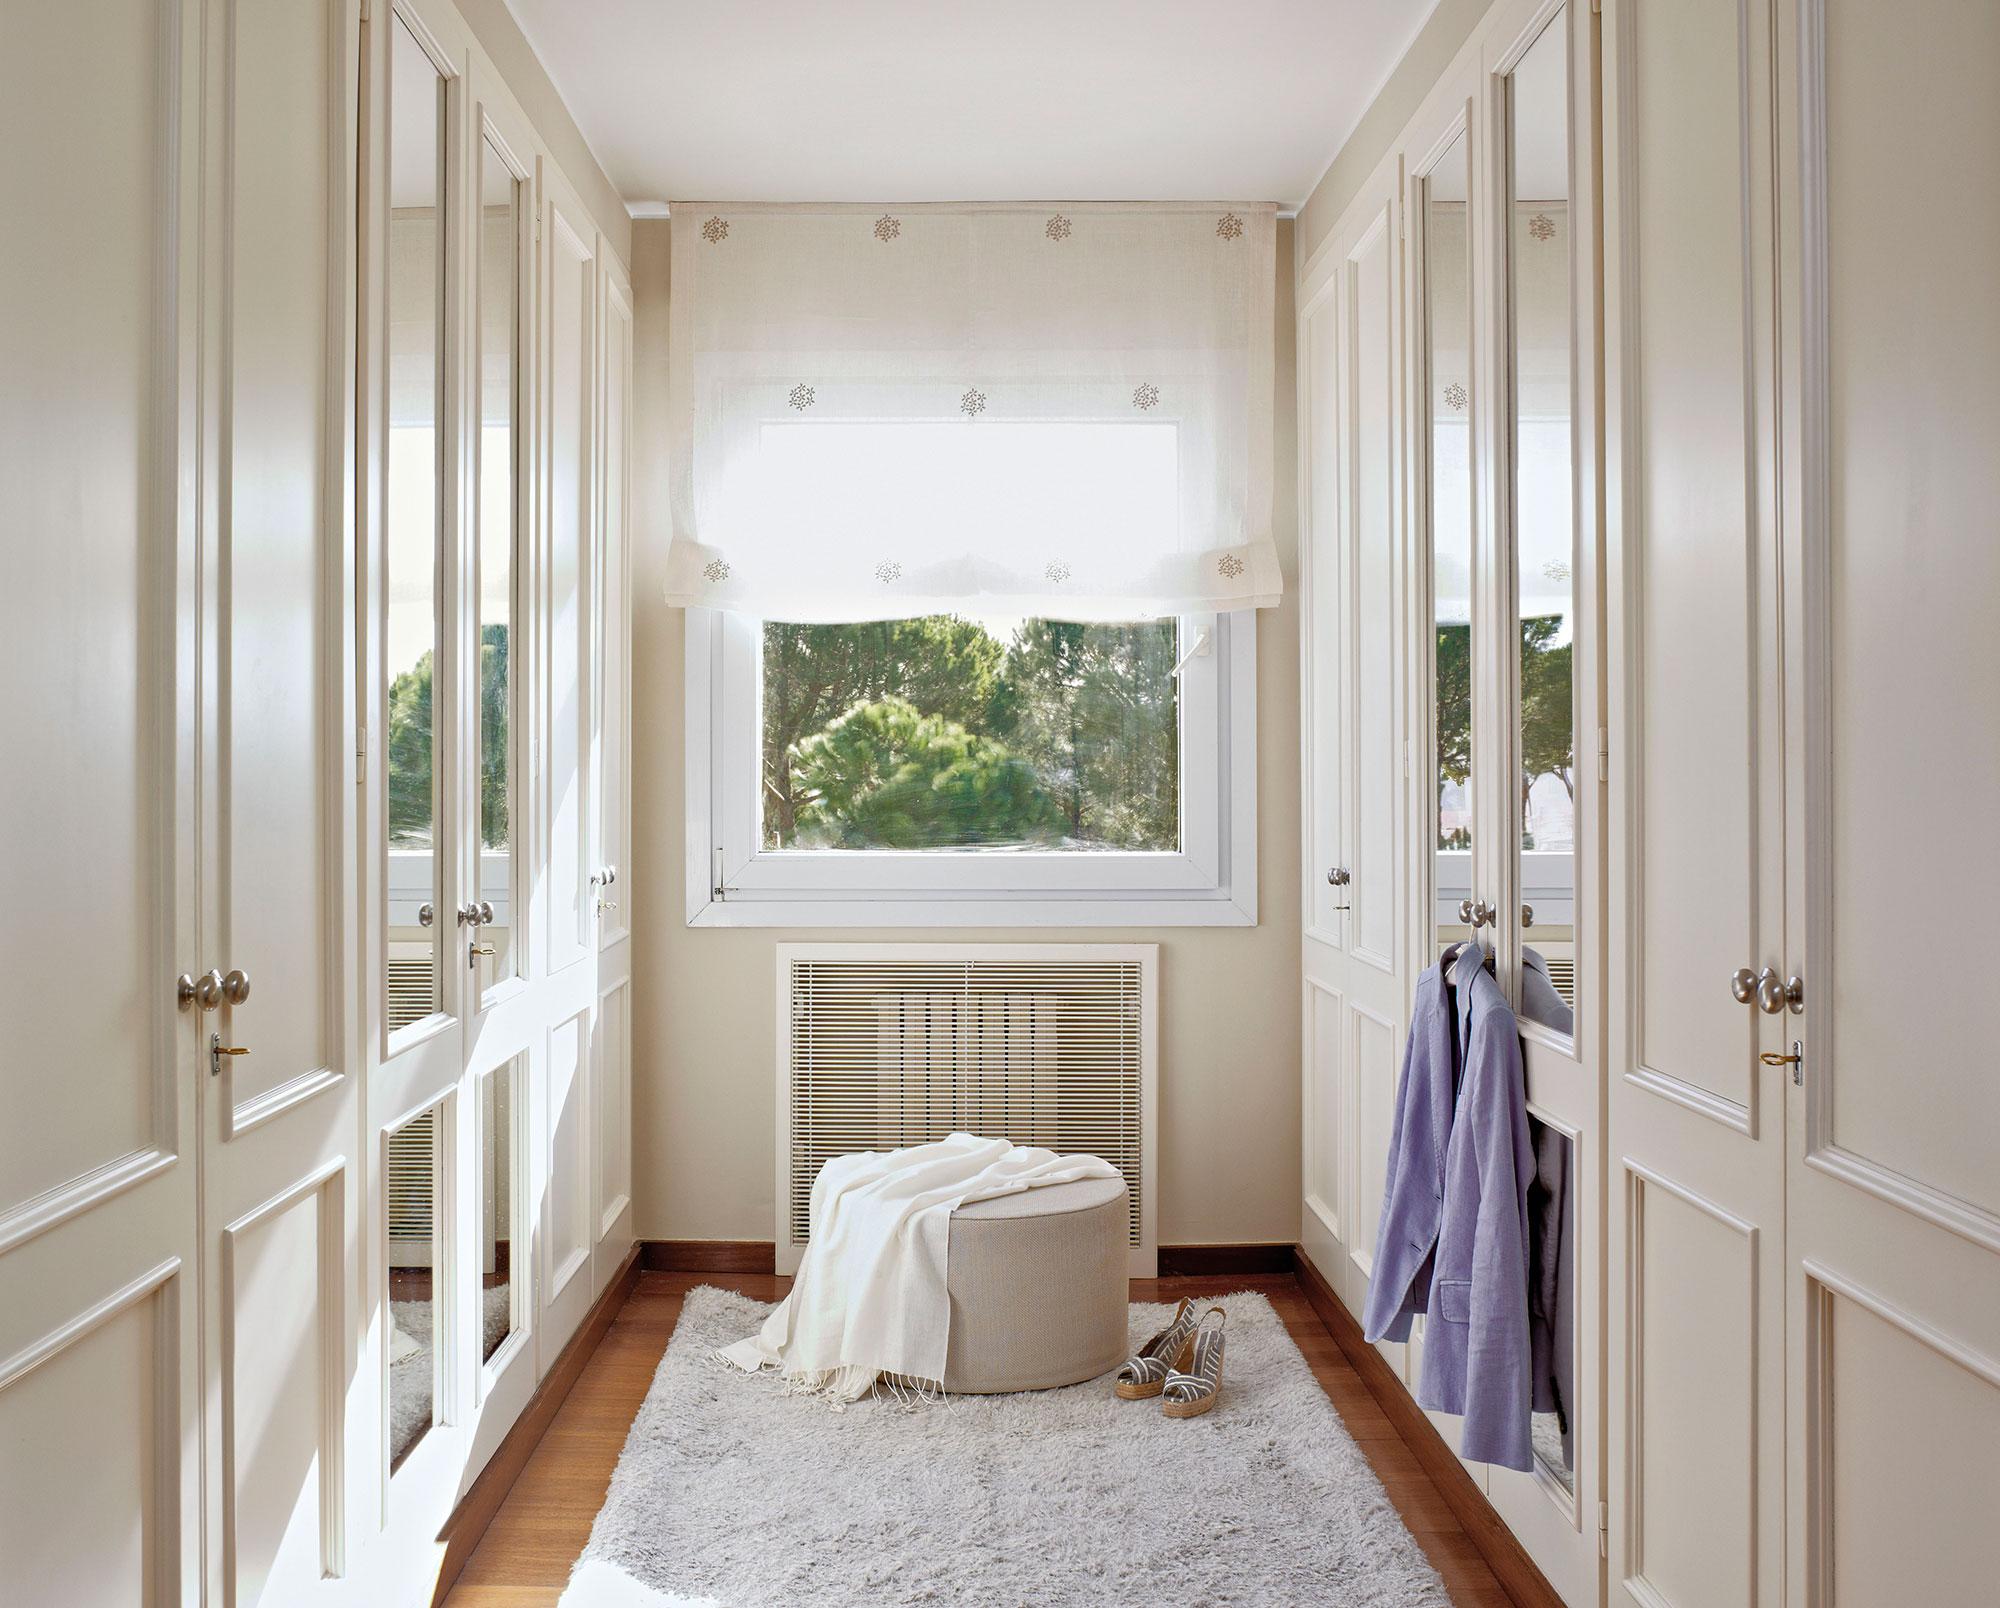 Armarios ordena mejor y duplica el espacio for Armarios elegantes